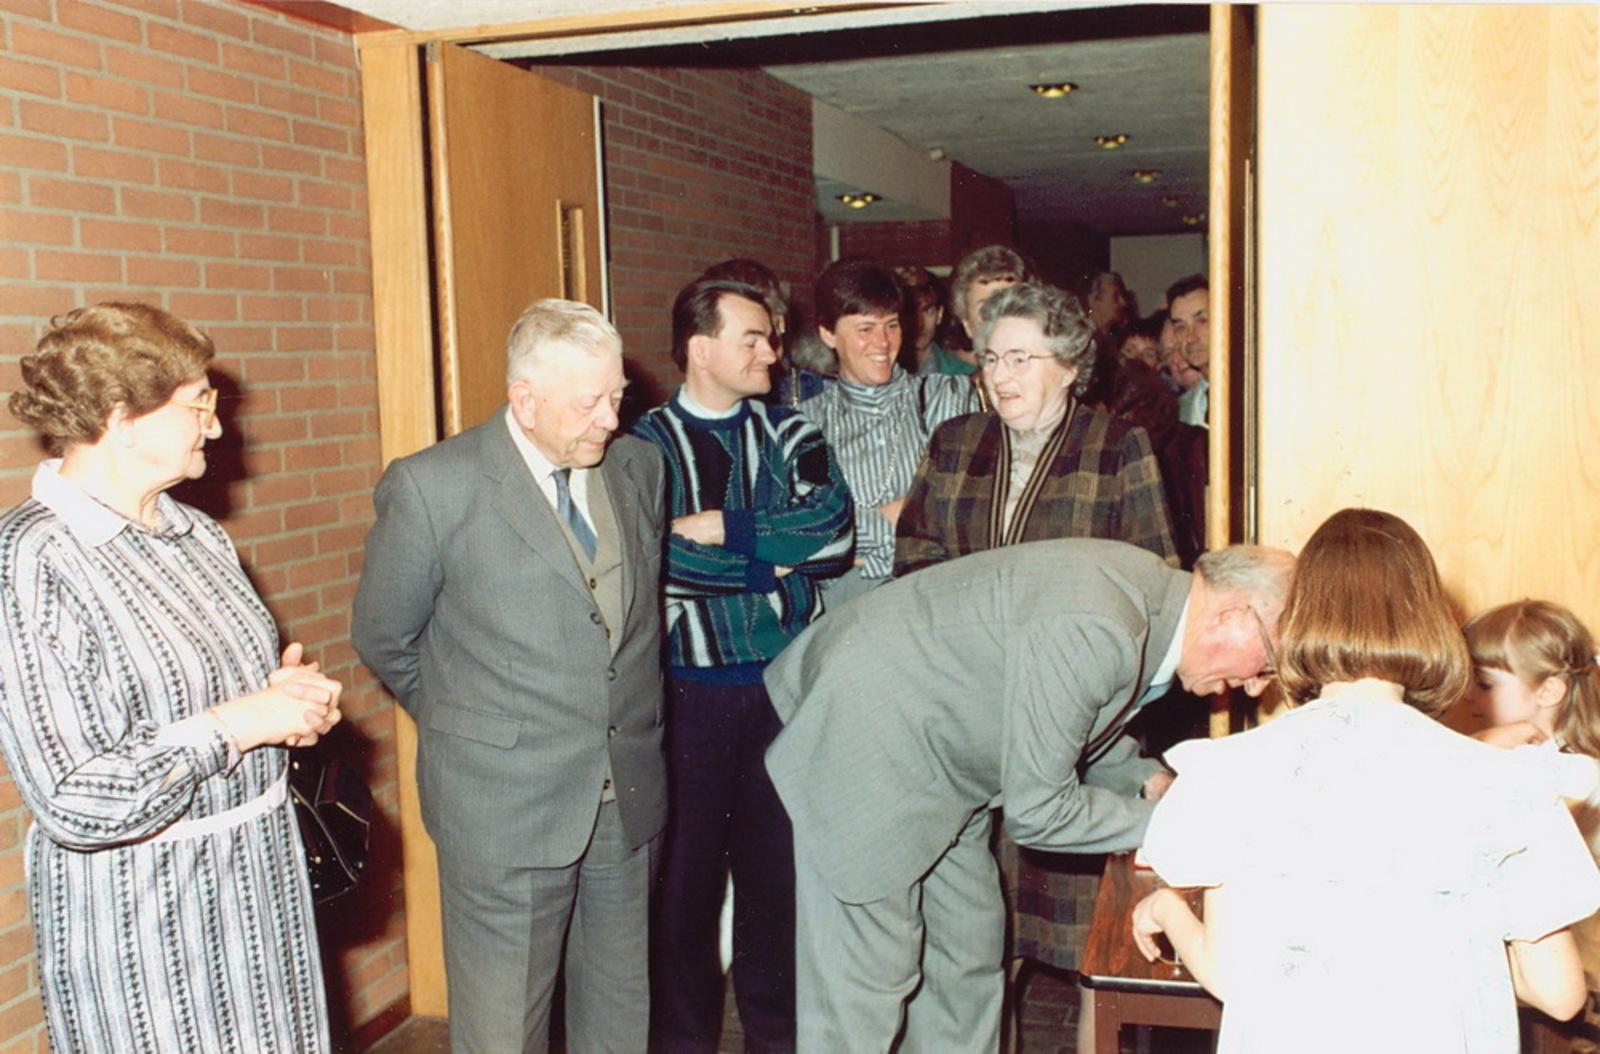 Marktlaan O 0022 1988 Sigarenboer Kraak 50jr Jub en Sluiting 50